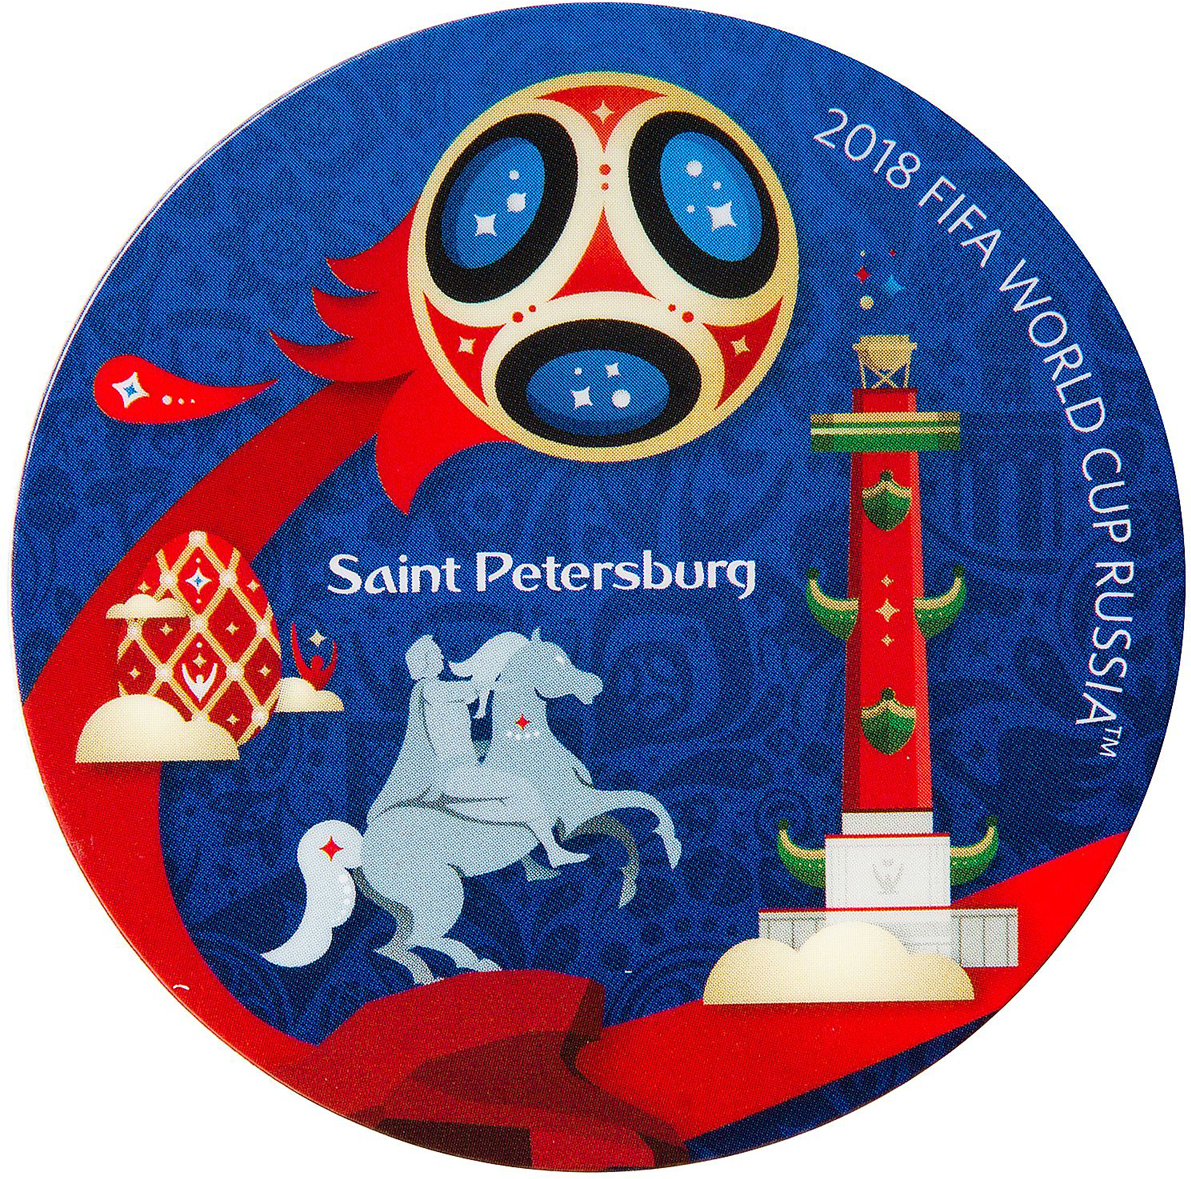 Магнит сувенирный FIFA 2018 Санкт-Петербург, 8 х 11 см. СН502